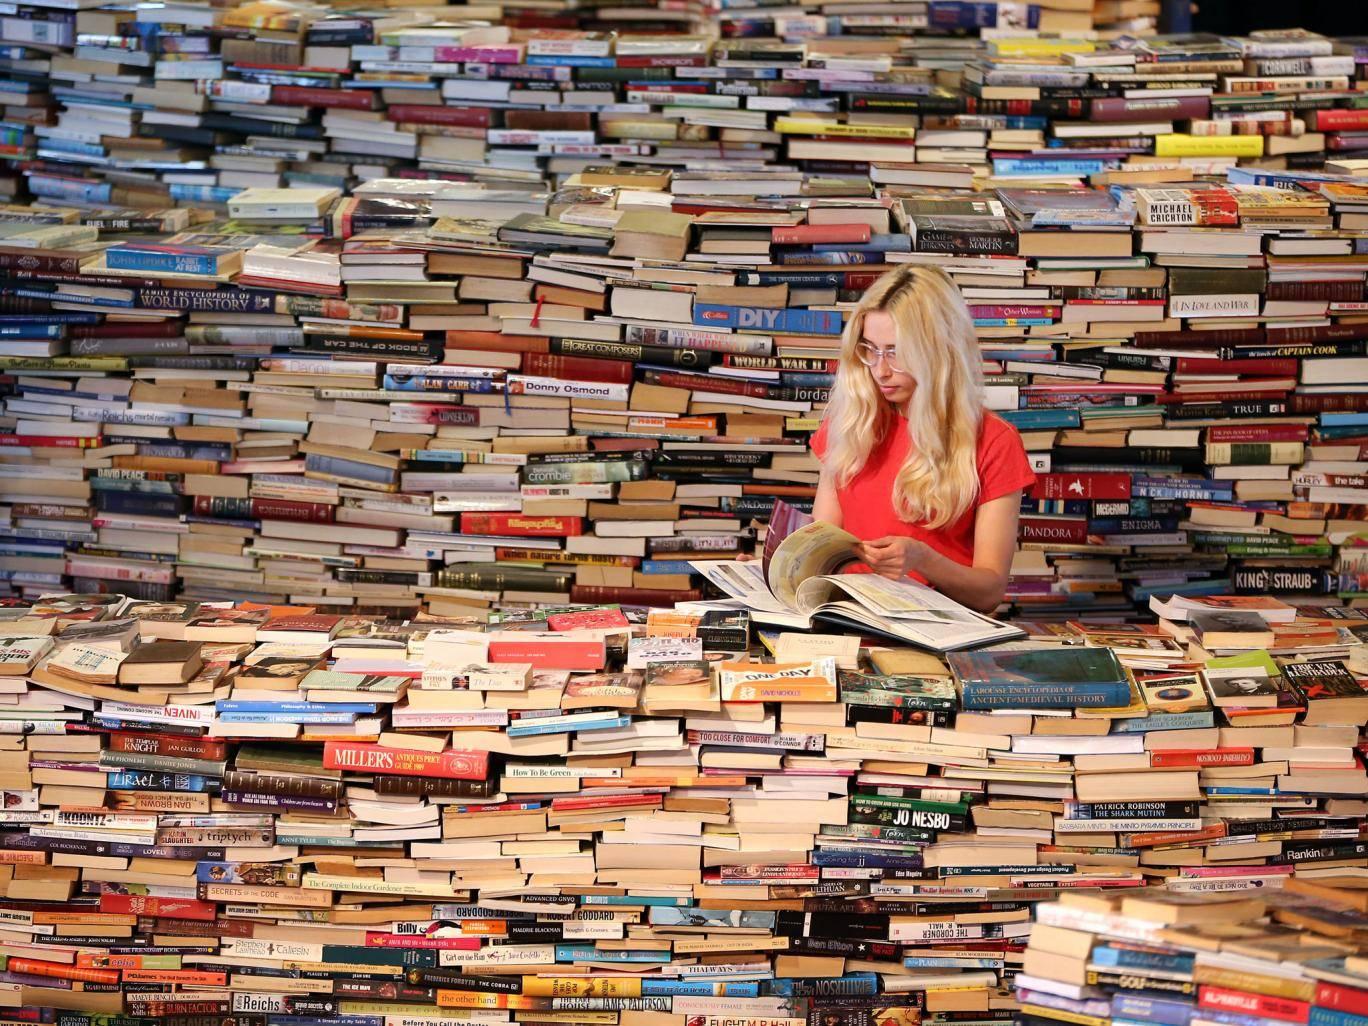 القراءة ضرورة وليست هواية